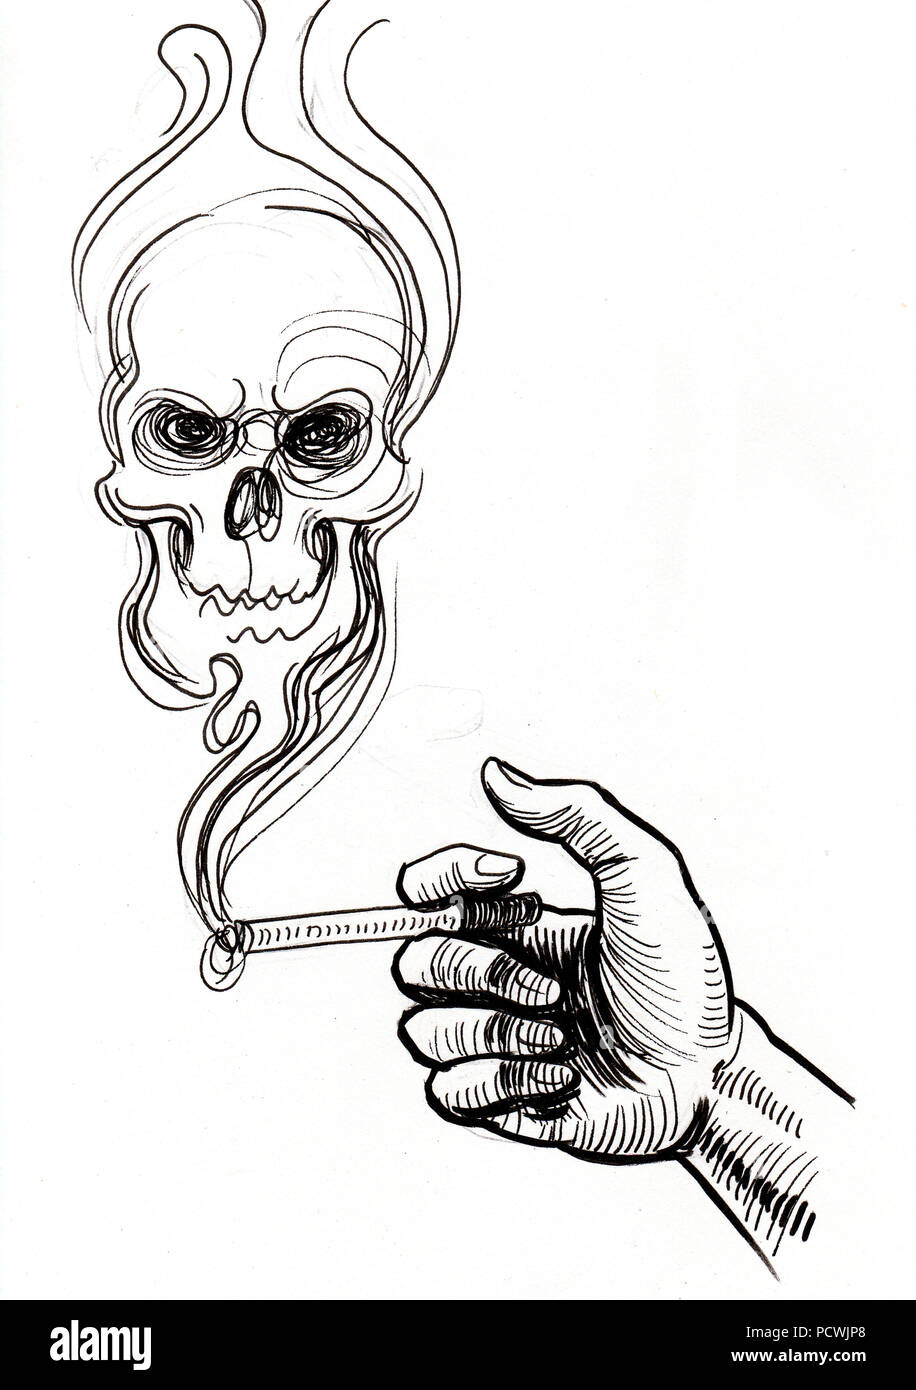 Una Mano Con Il Fumo Di Sigarette E Il Cranio Linchiostro Bianco E